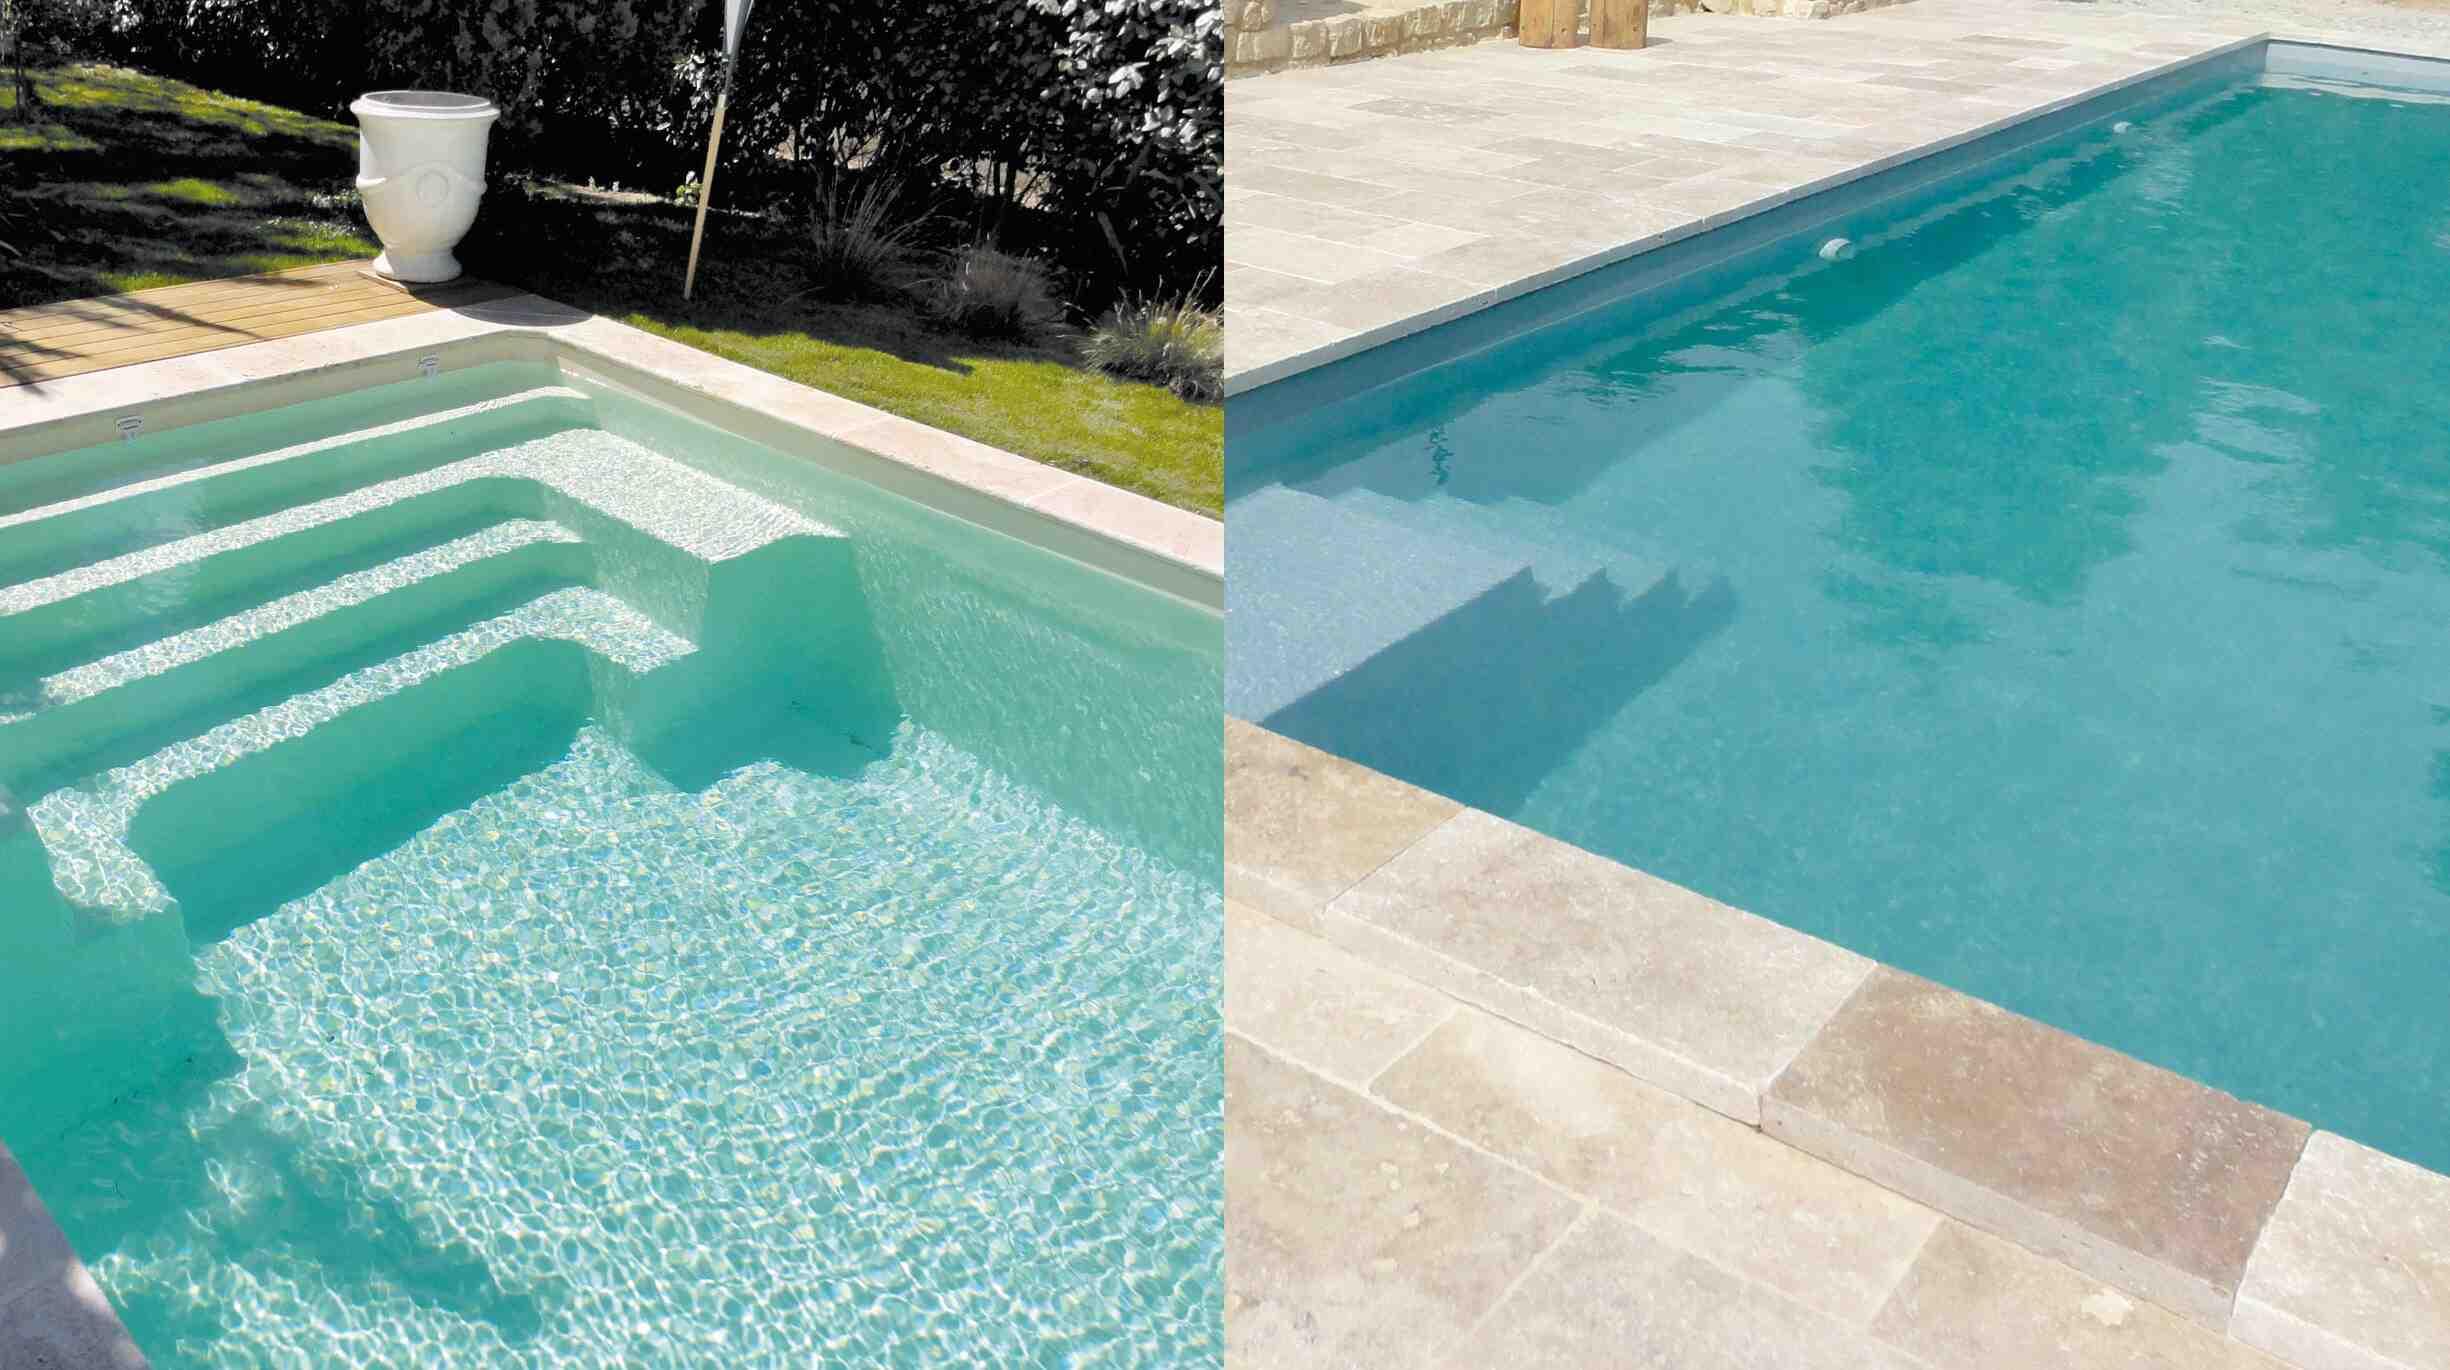 Quelle différence entre piscine béton et coque ?